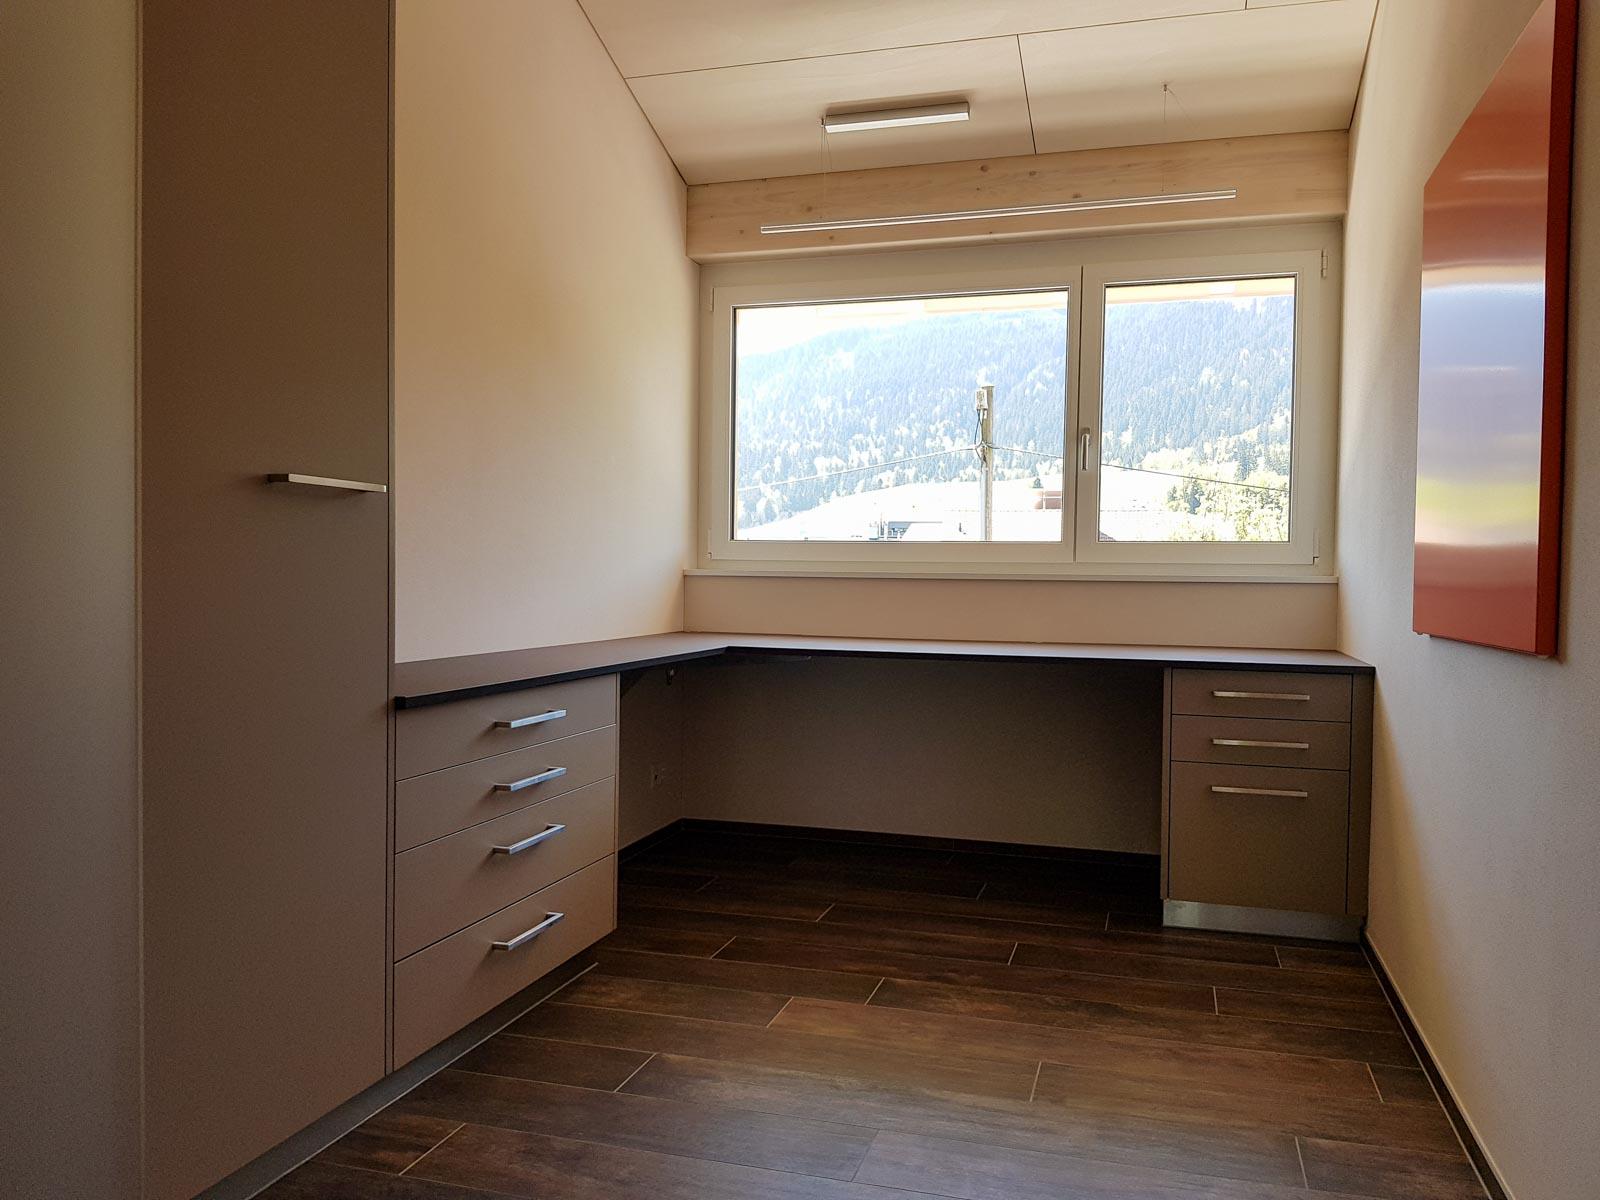 Wooddesign_Büro_Homeoffice_Schreibtisch_höhenverstellbar_Regal_Schubladen_Wandschrank_Glastüre (1)